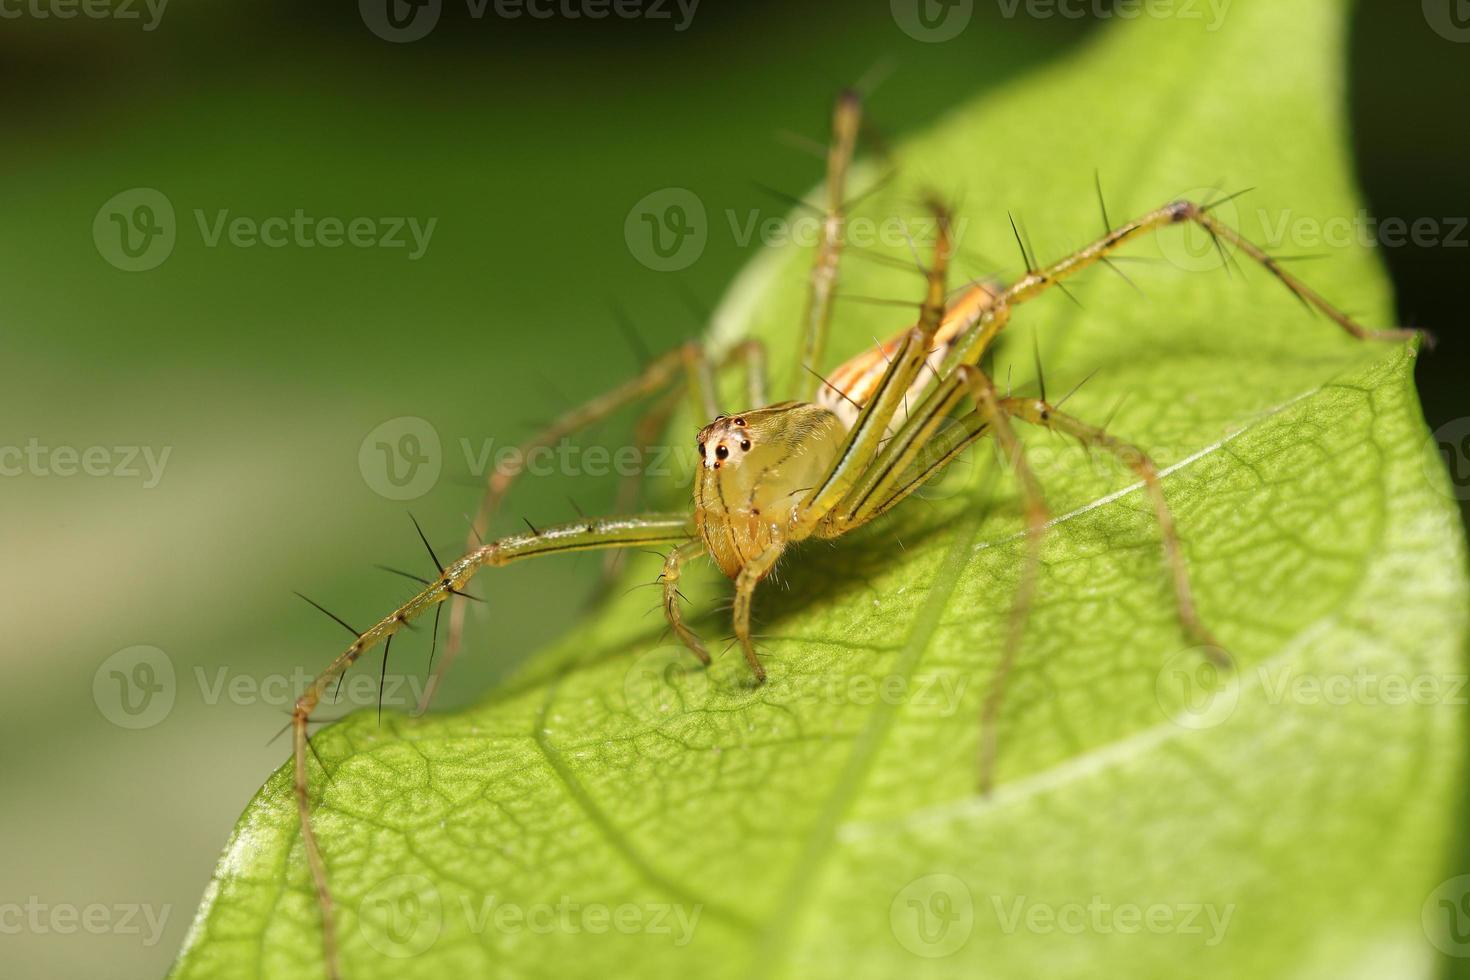 araignée sauteuse dans la forêt tropicale photo